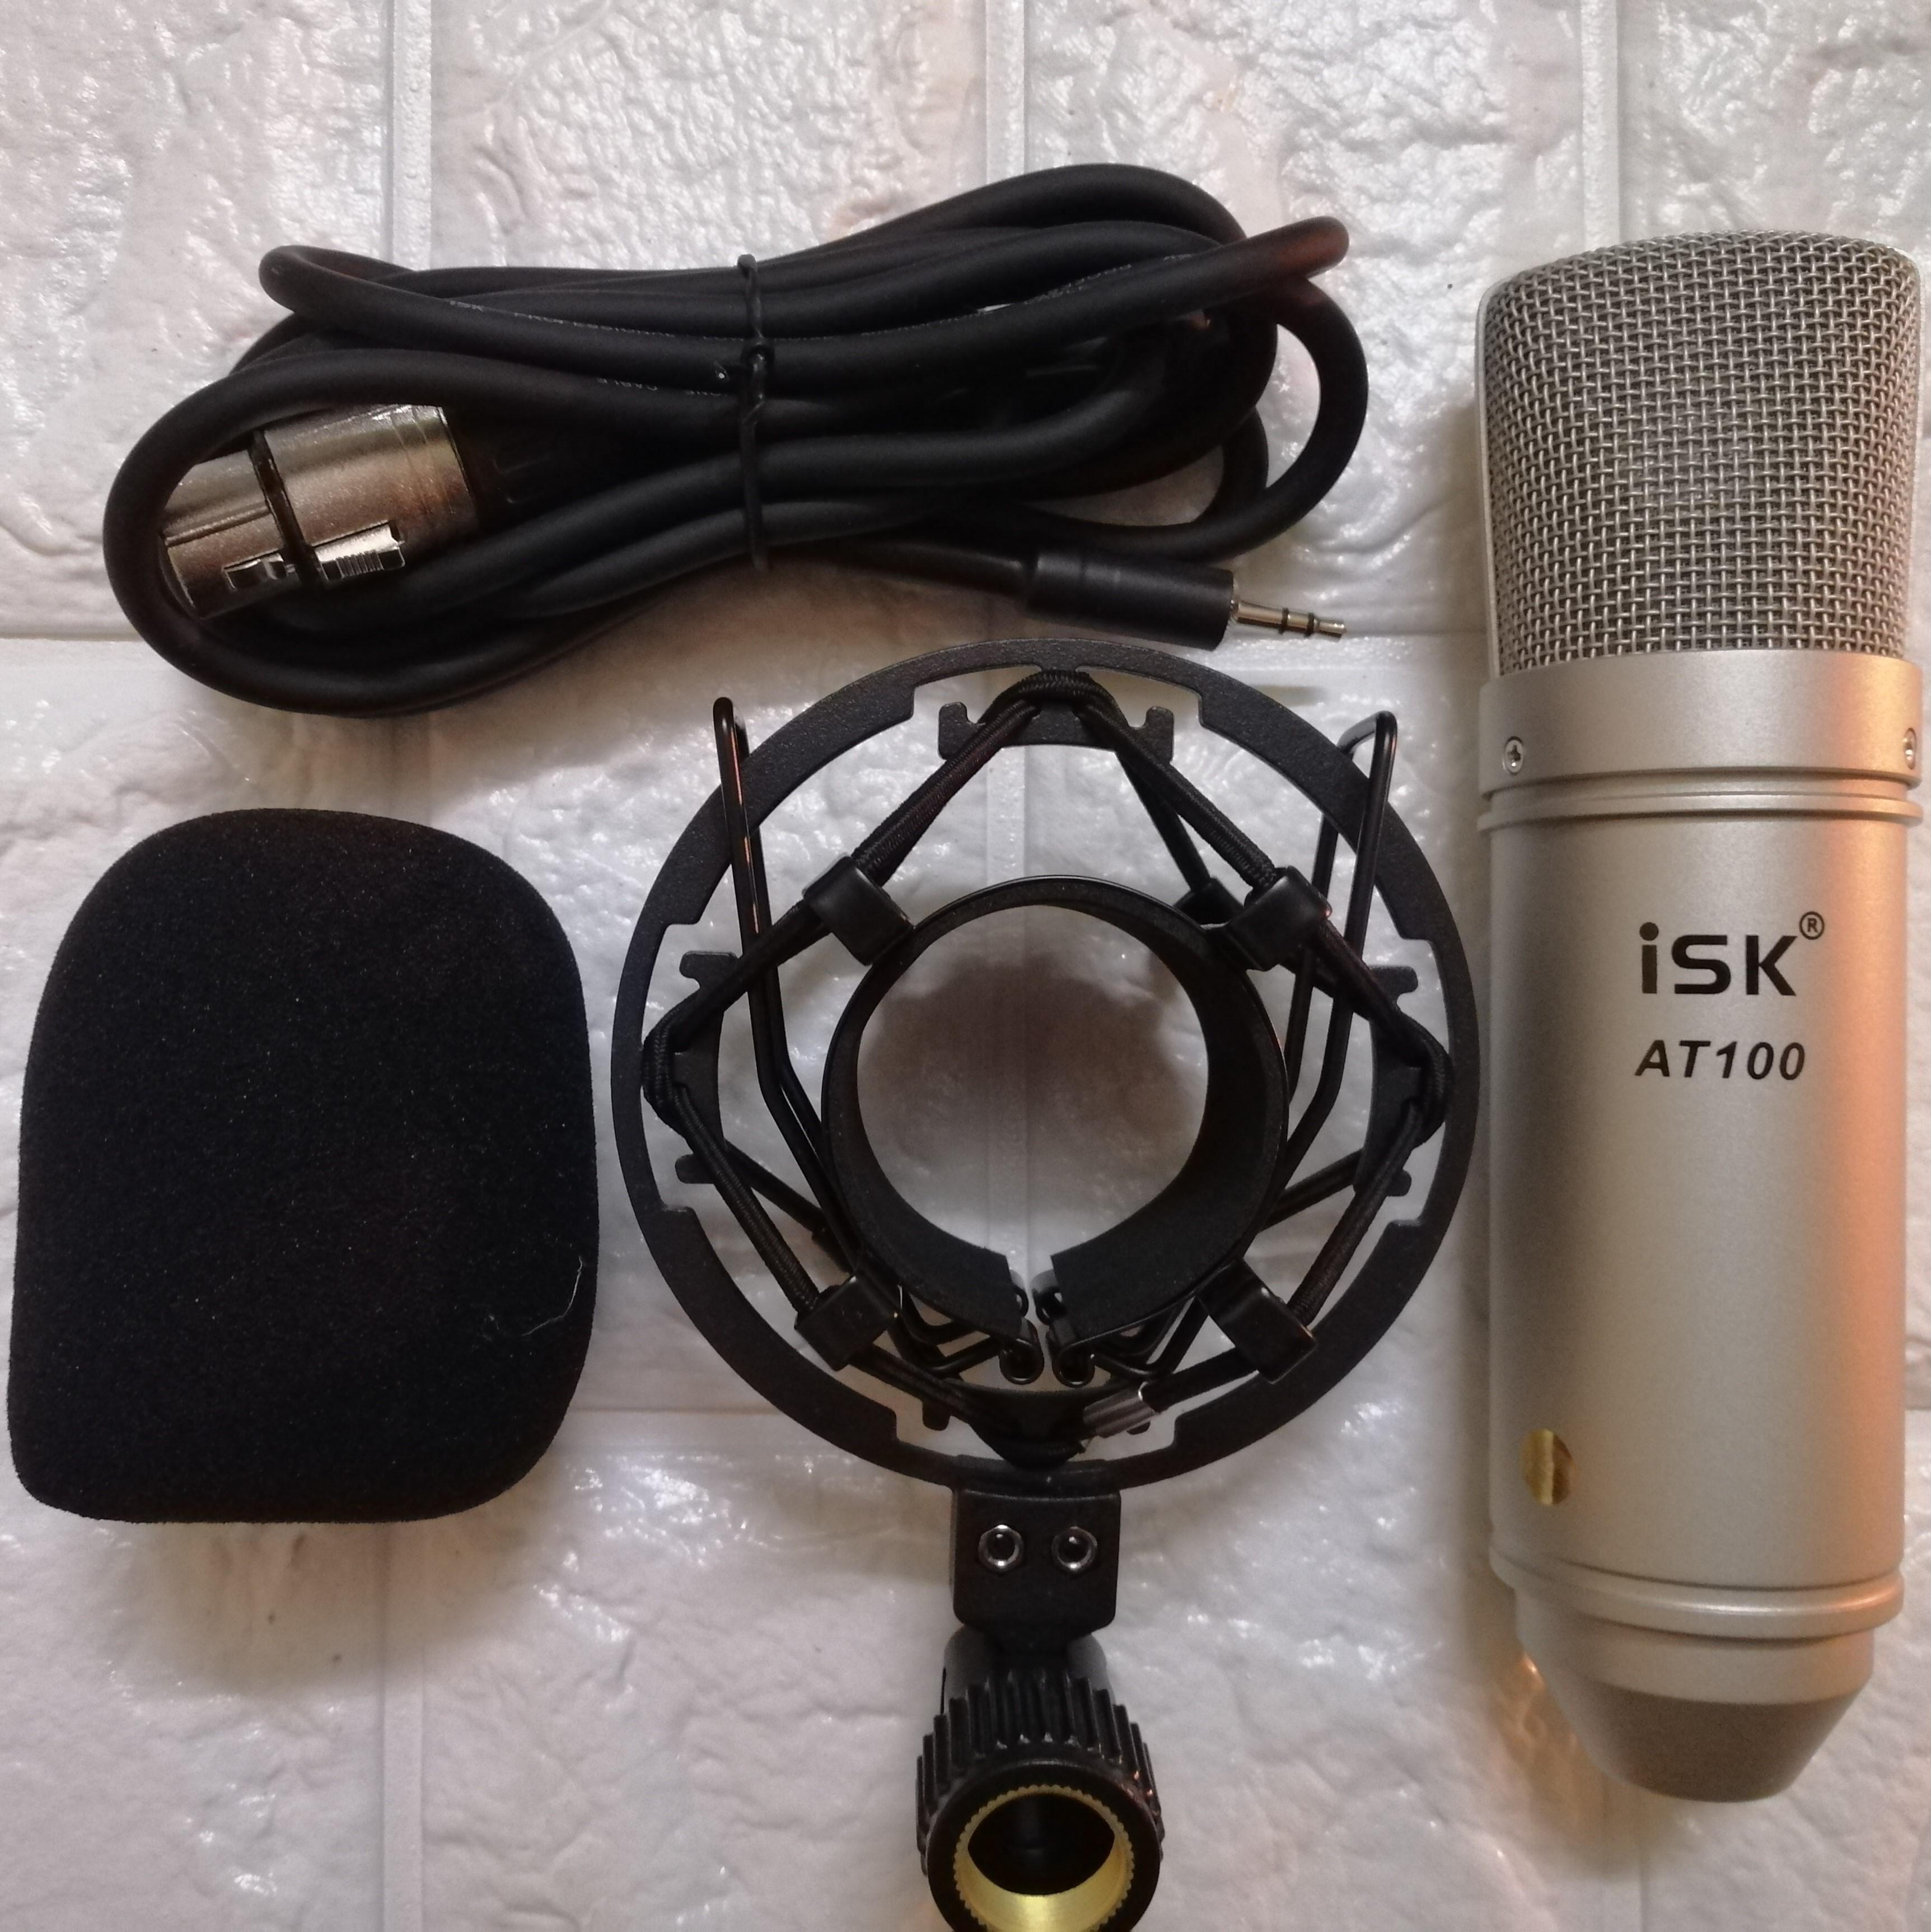 Bộ sản phẩm live stream thu âm  Sound V10 Bluetooth và micro ISK AT100 Hàng Nhập khẩu